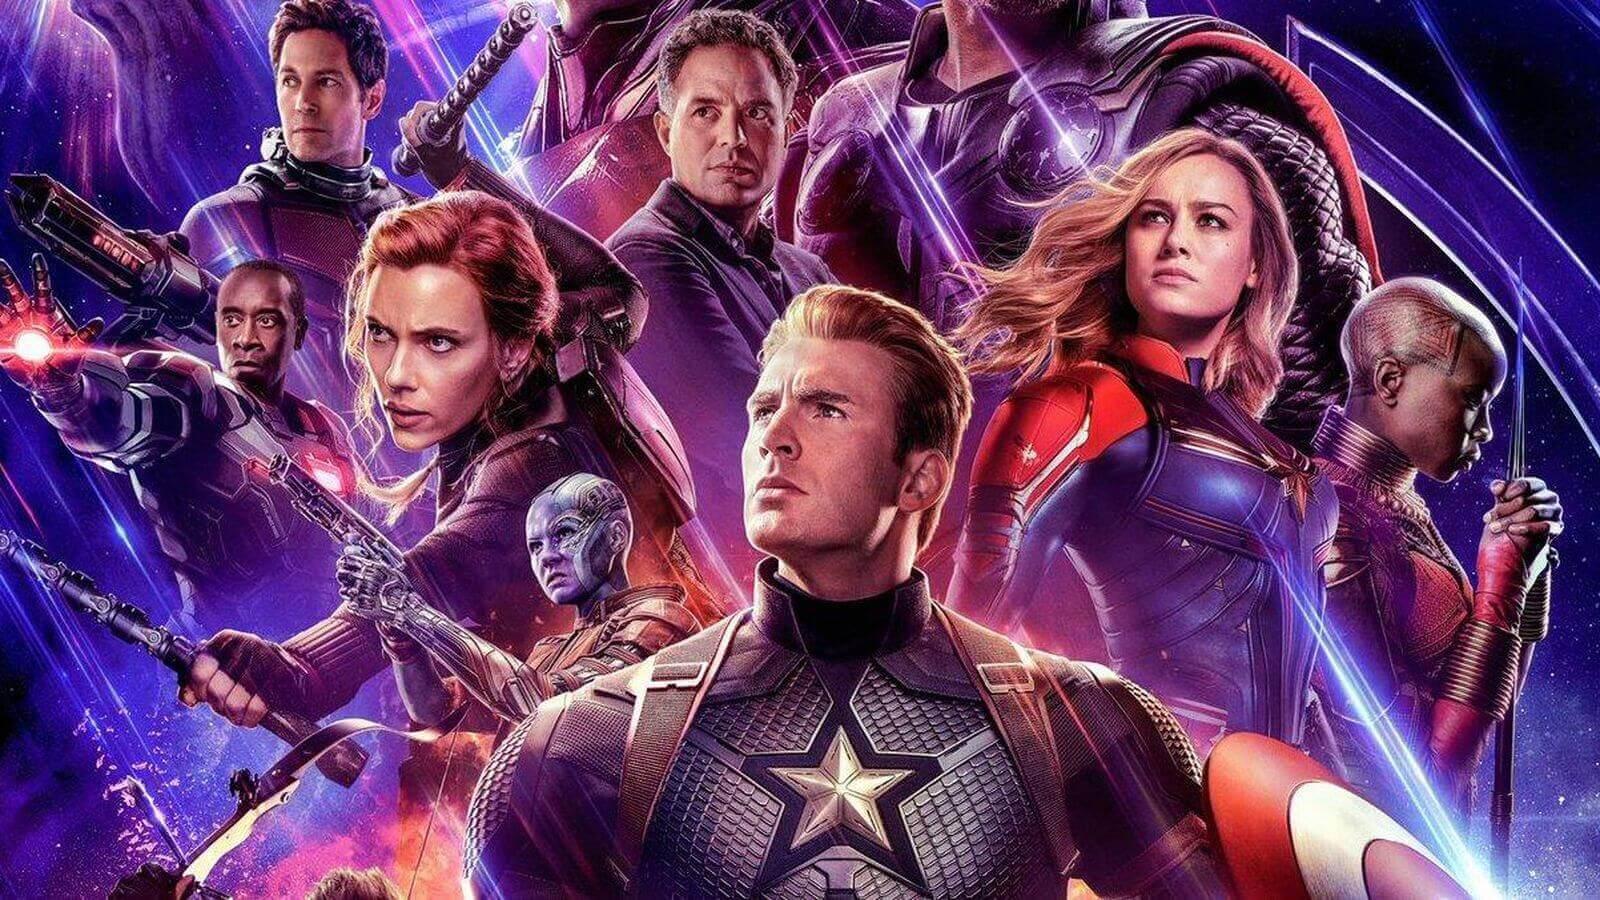 War torrents infinity torrent avengers Download Avengers